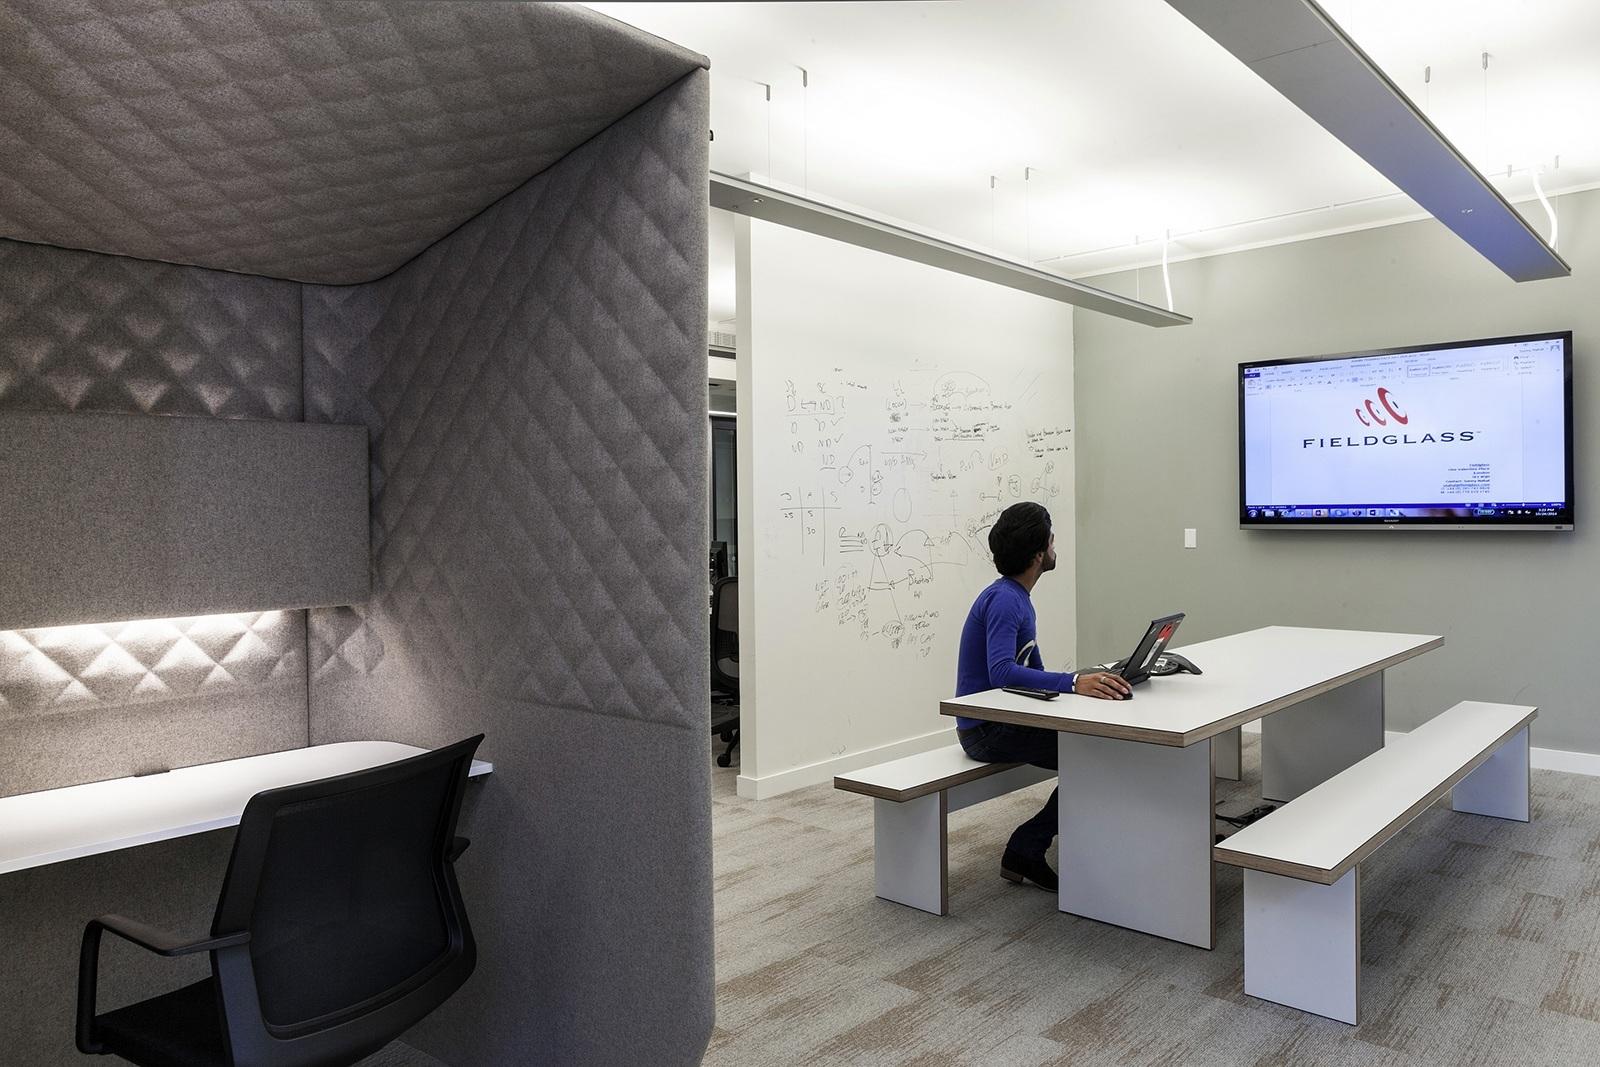 fieldglass-london-office-7